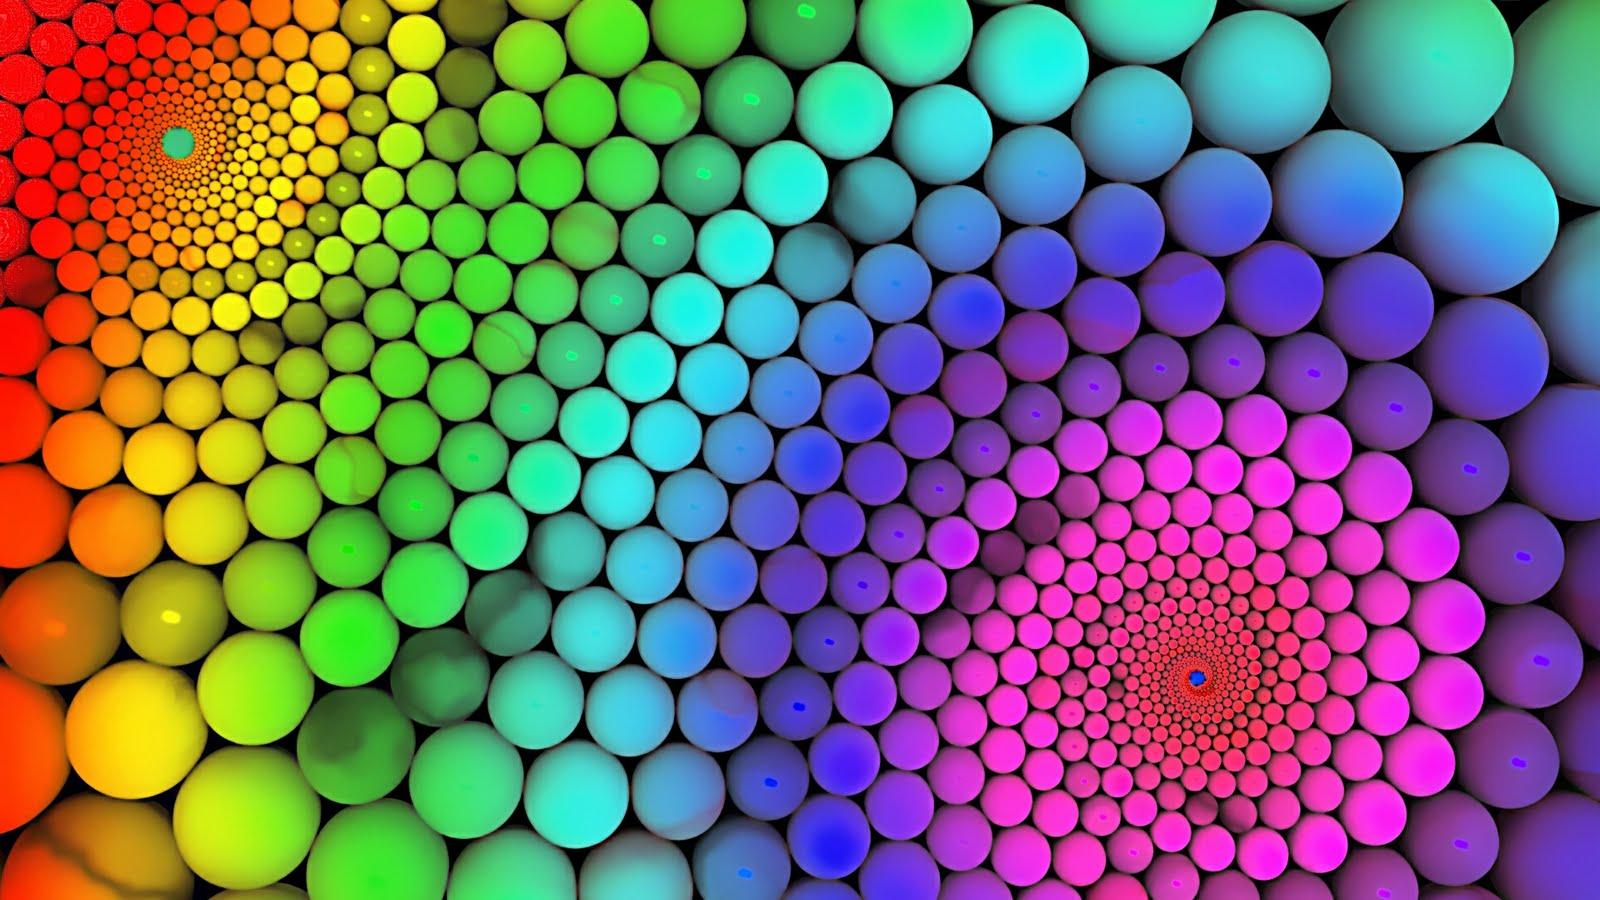 Fondos abstractos de colores taringa for Wallpapers abstractos